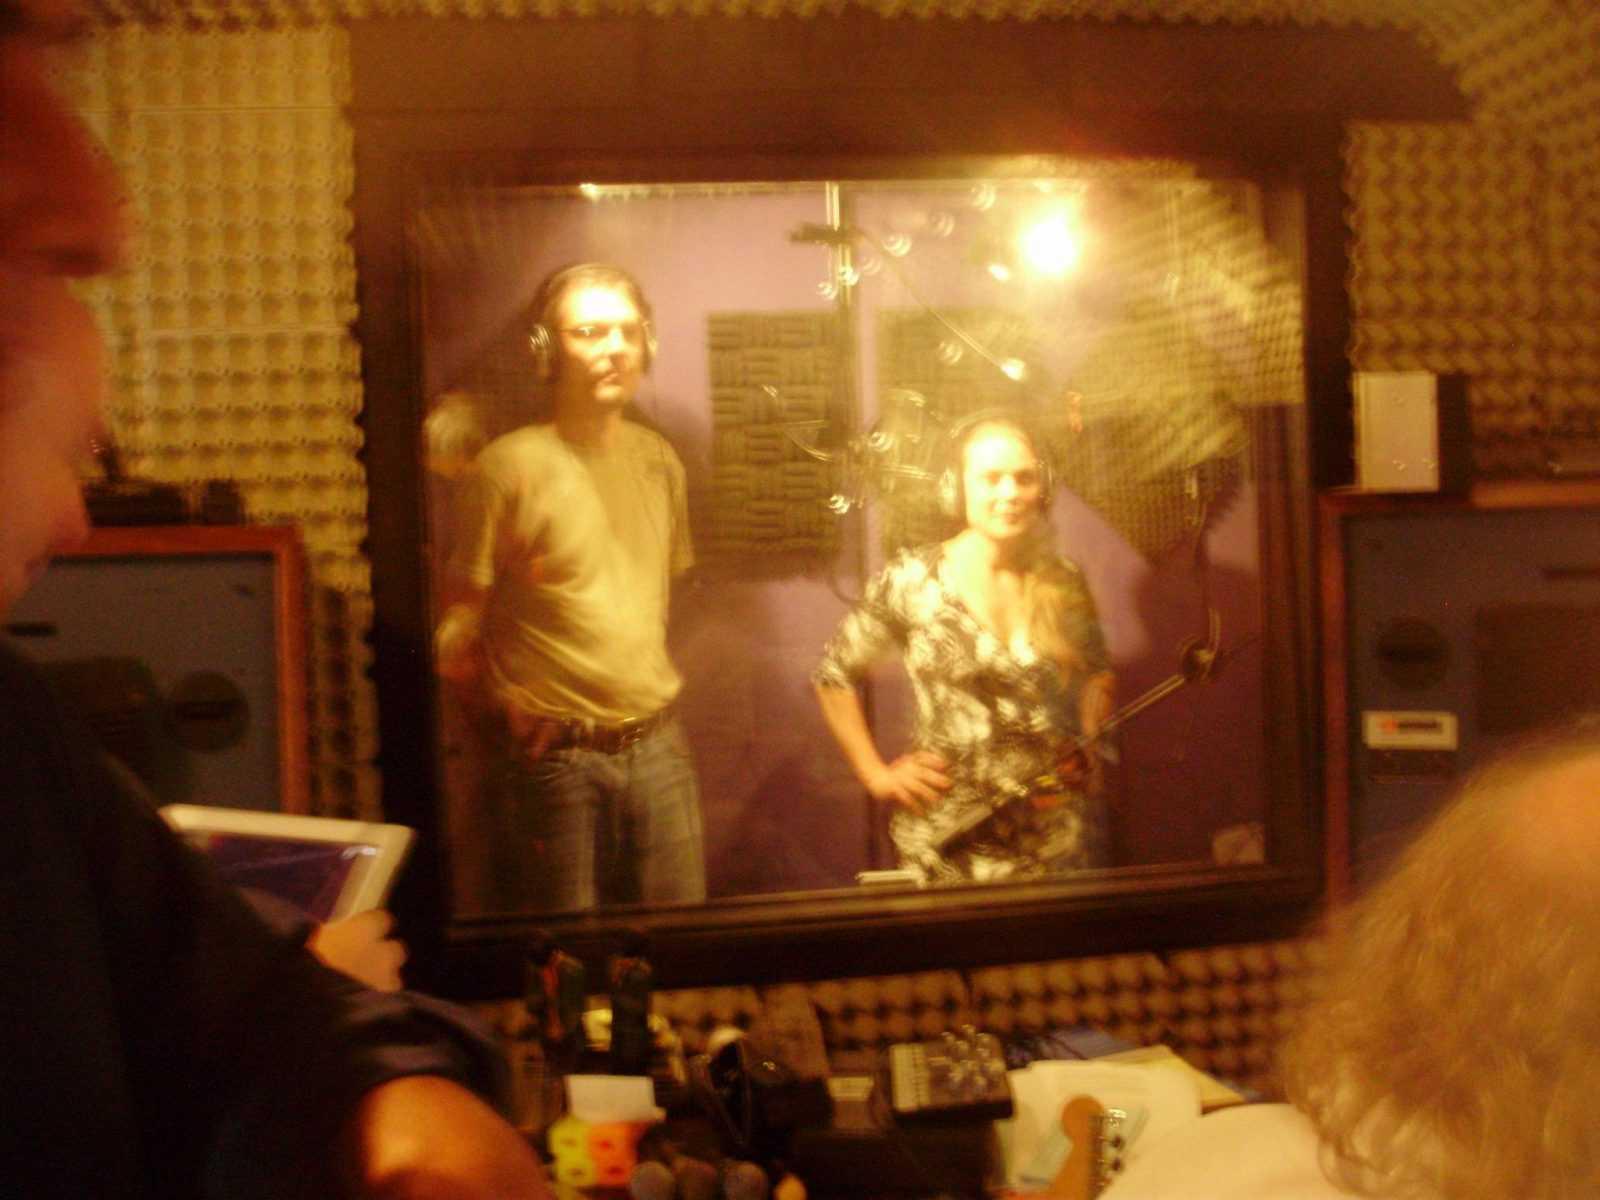 BBC 05 070811 038 - 5-7/8 2011